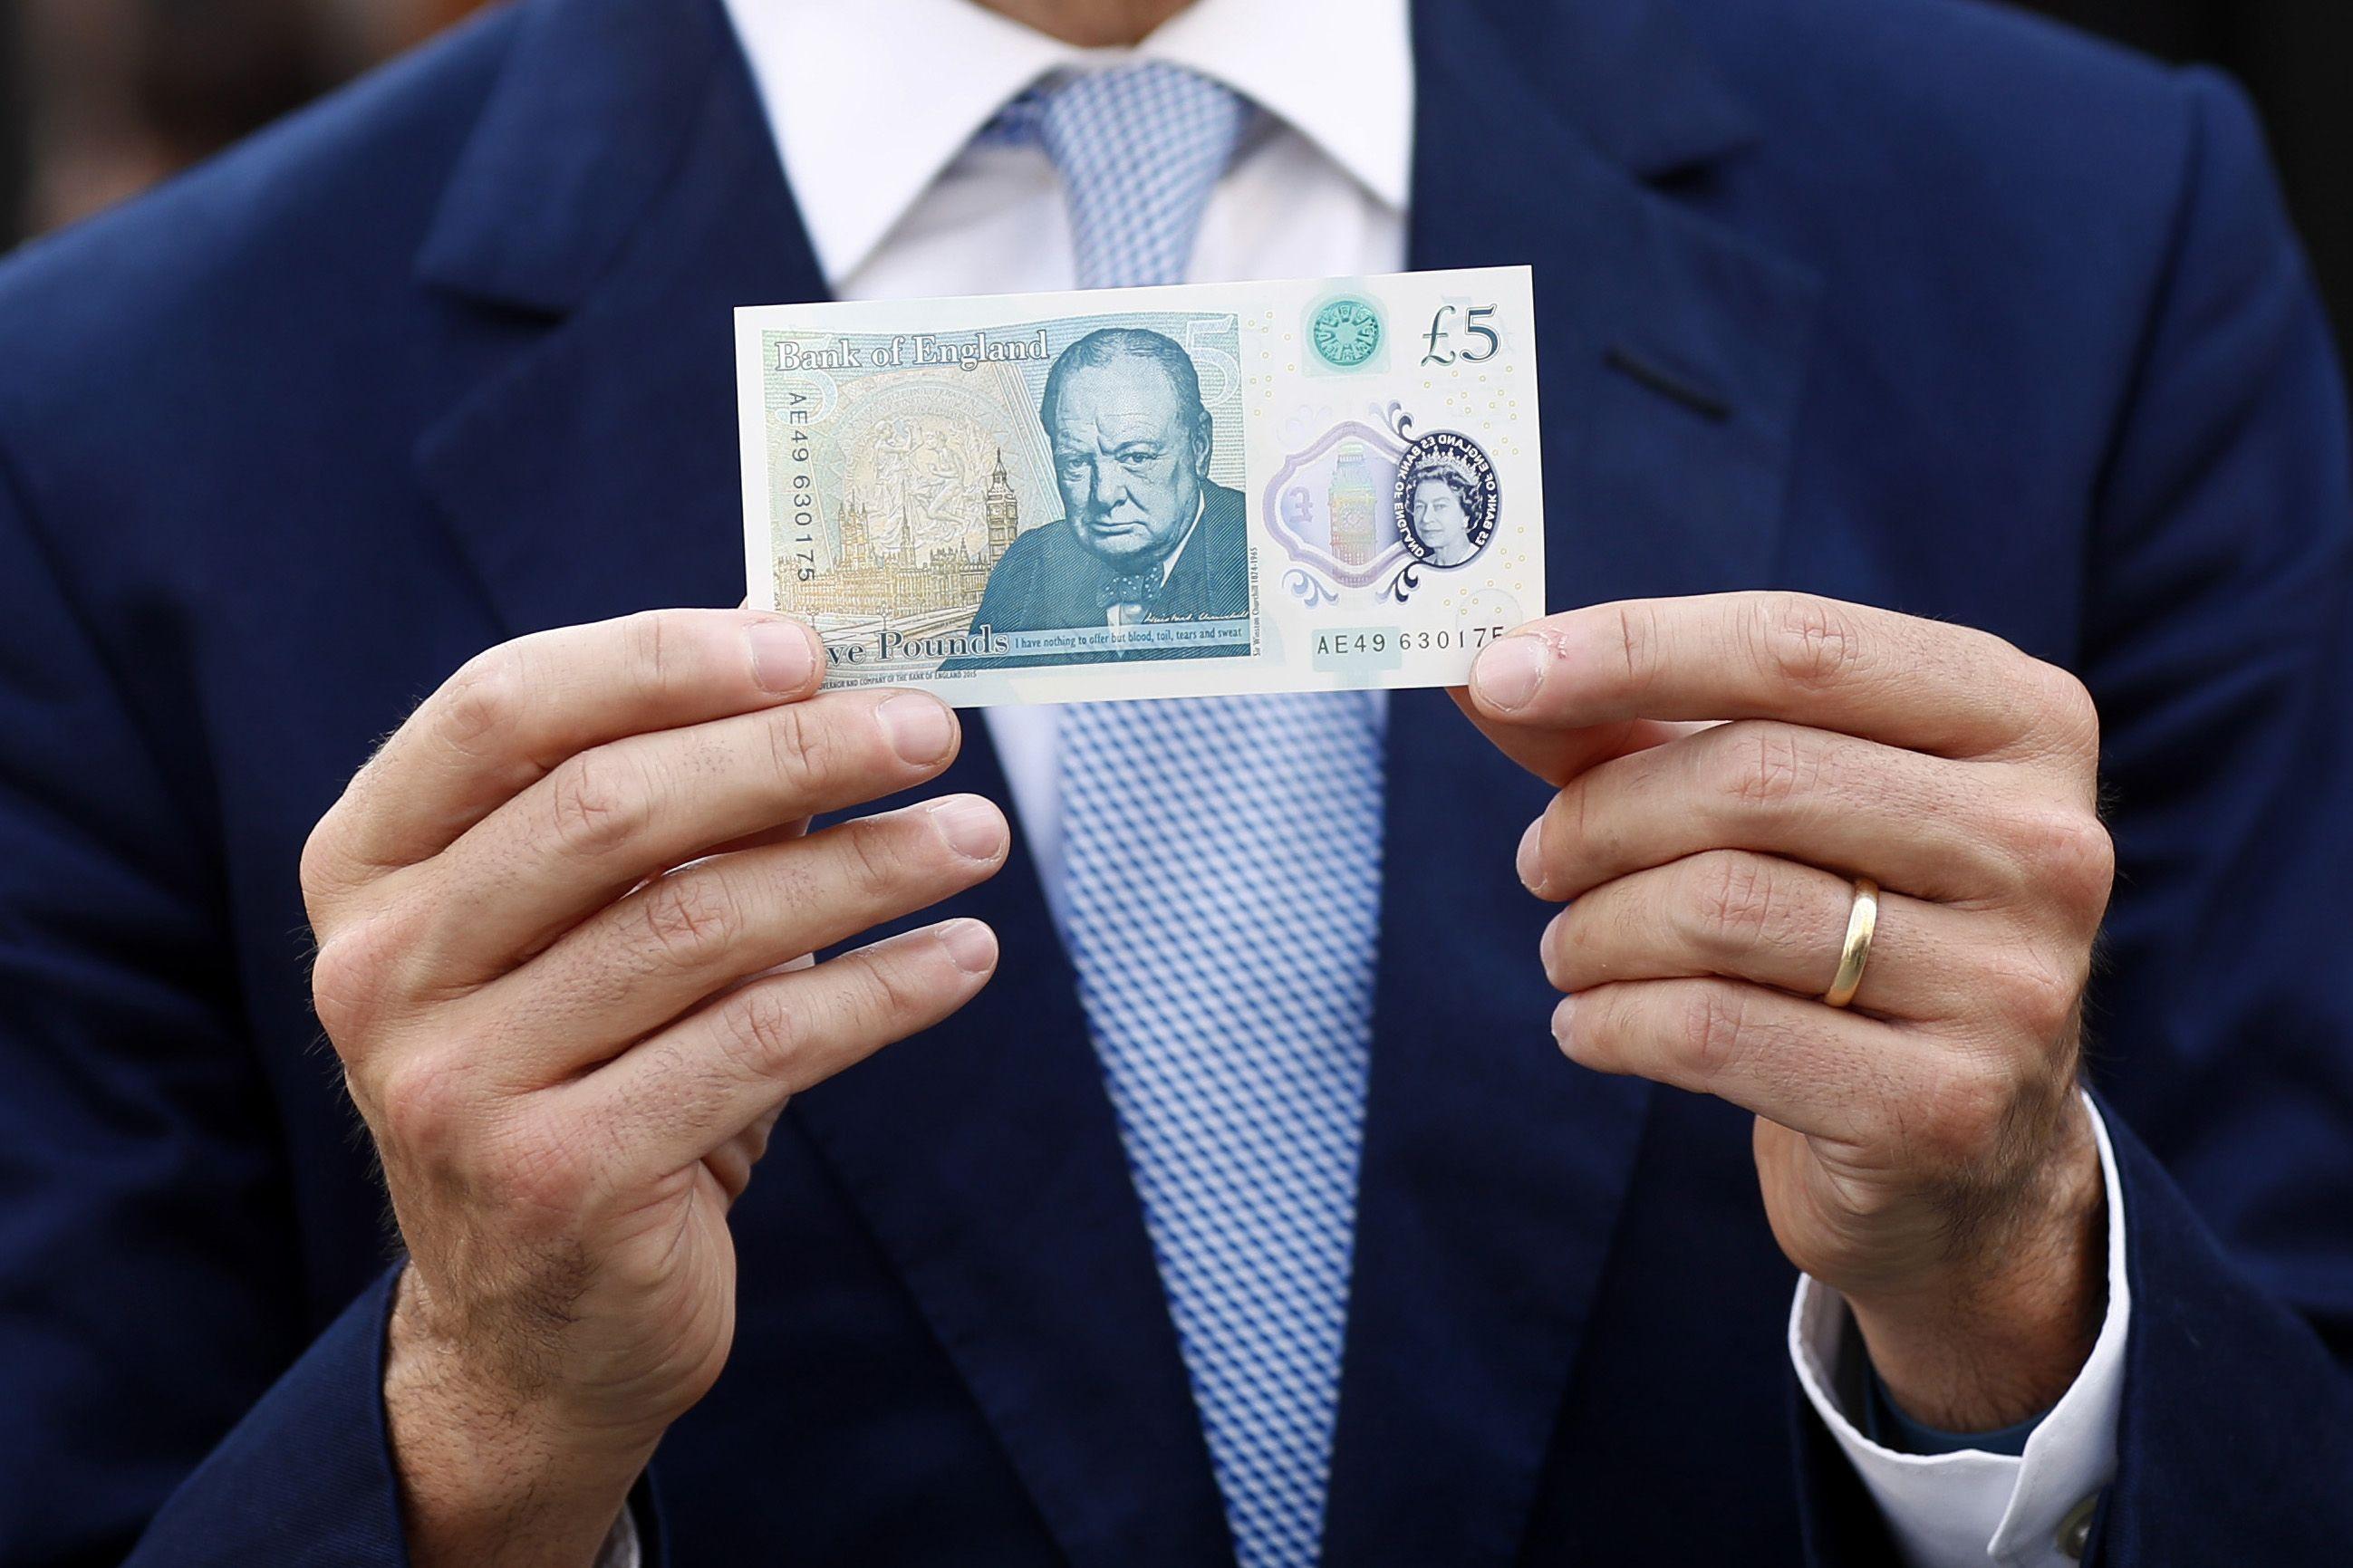 Brit� svaras prekybos partneri� valiut� at�vilgiu�� pigiausias per 168 m.